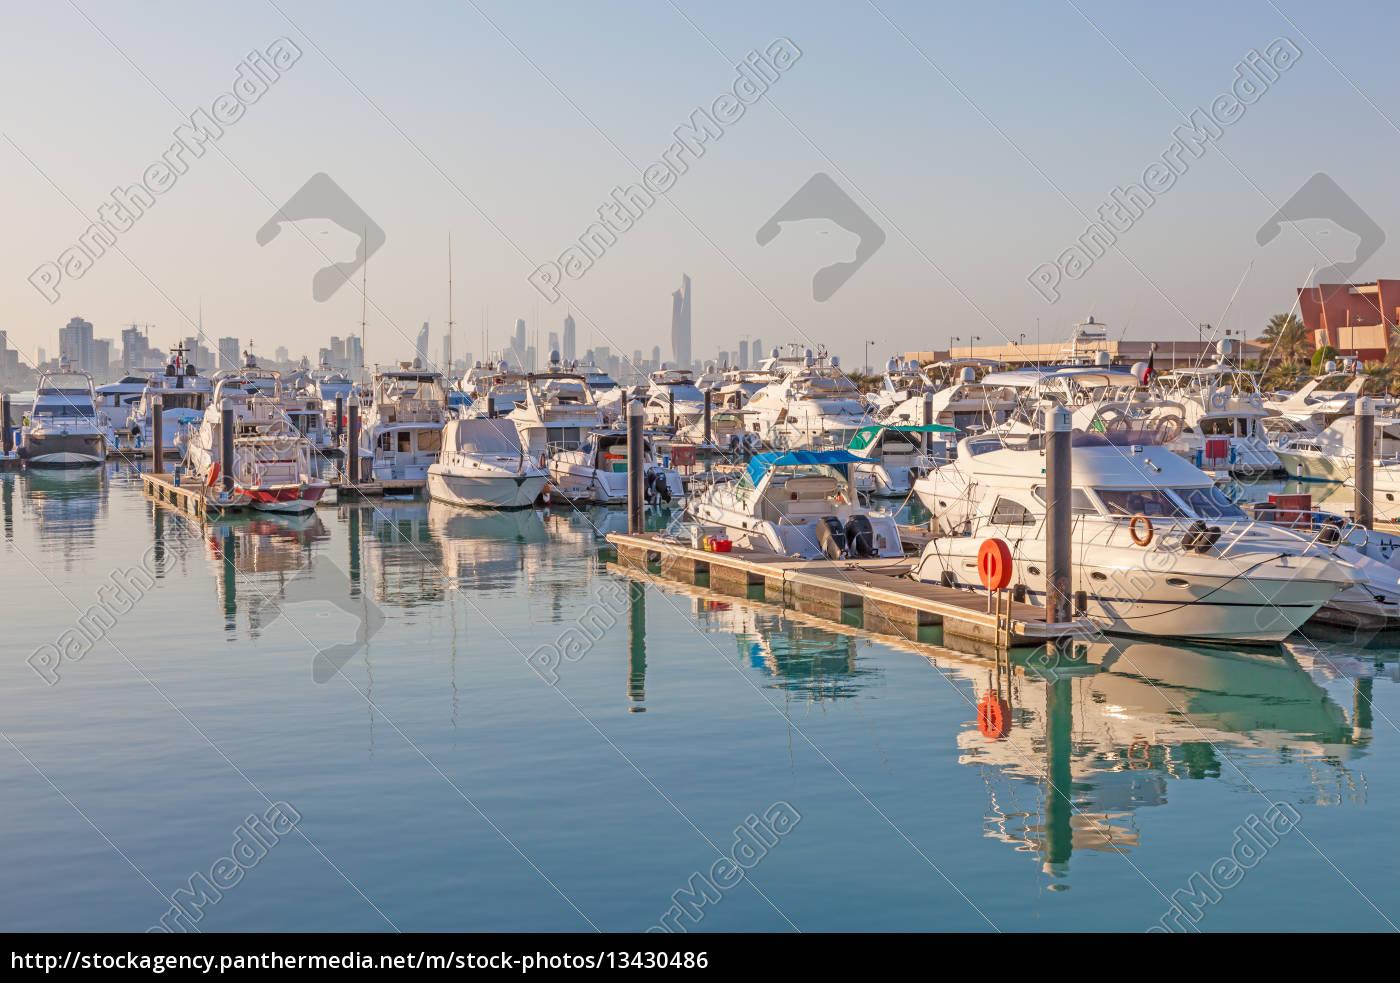 yachts, and, boats, at, the, sharq - 13430486